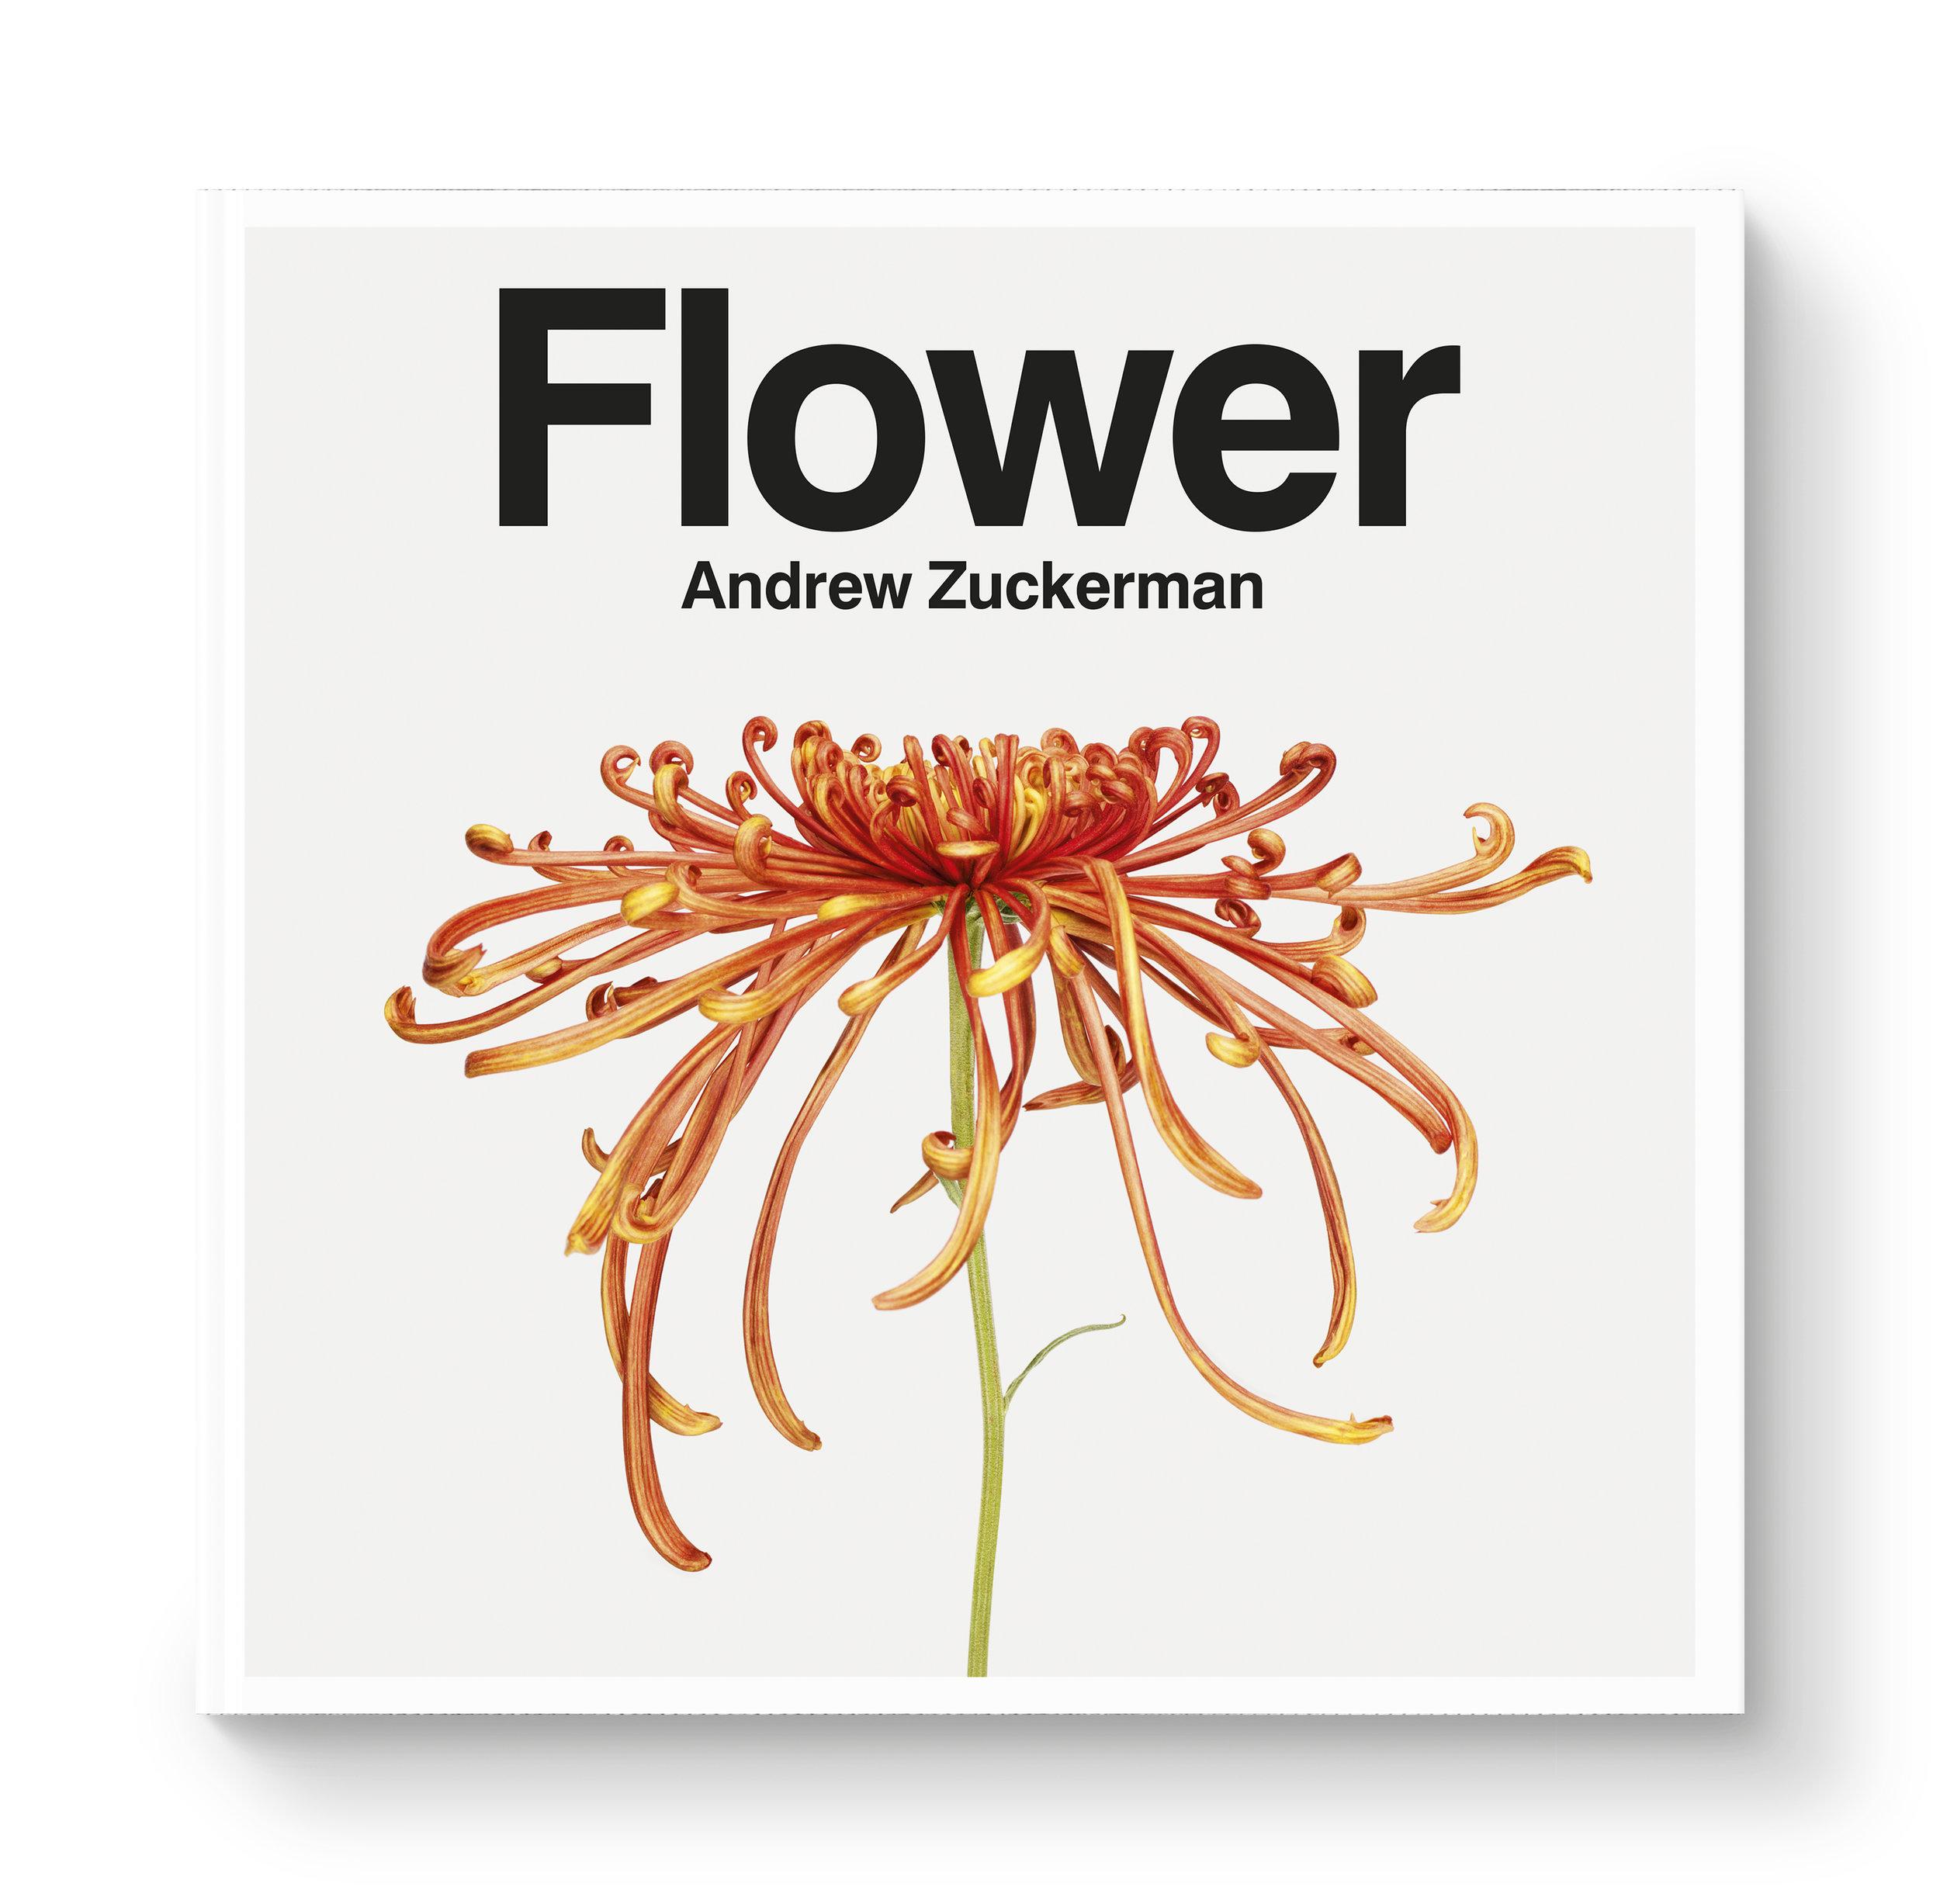 az-flower-jkt.jpg